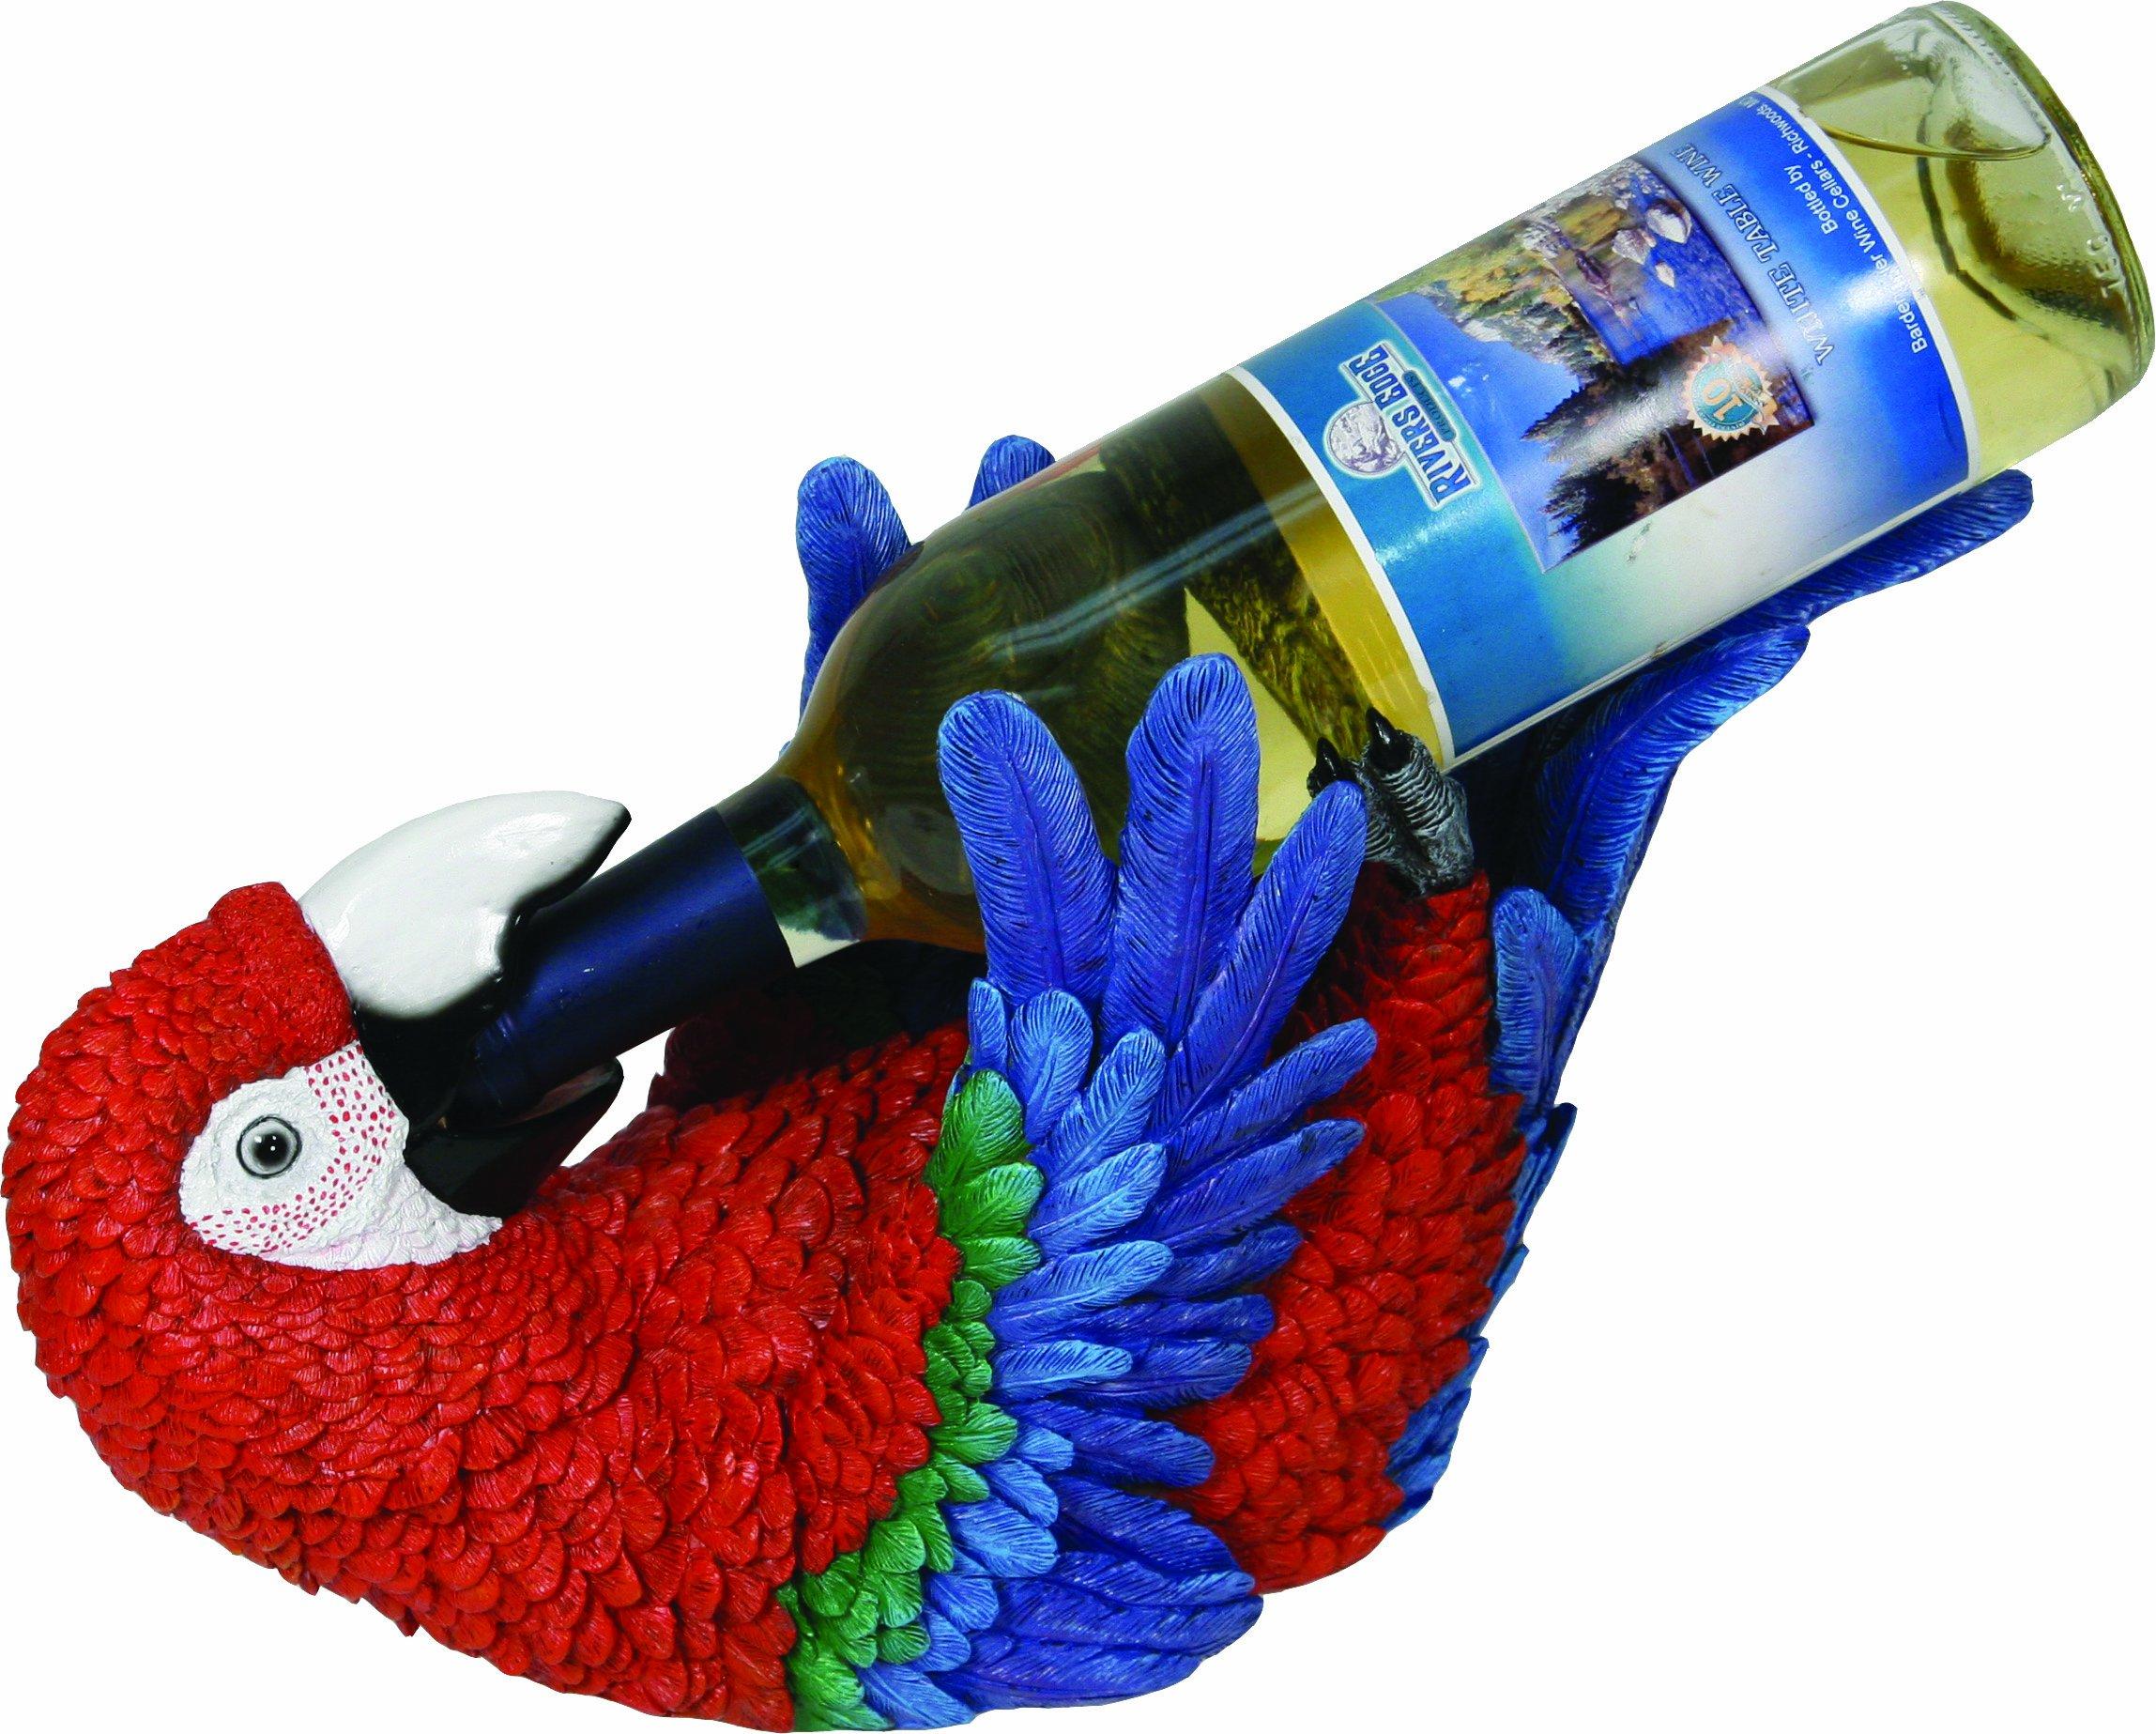 River's Edge Hand Painted Parrot Wine Bottle Holder